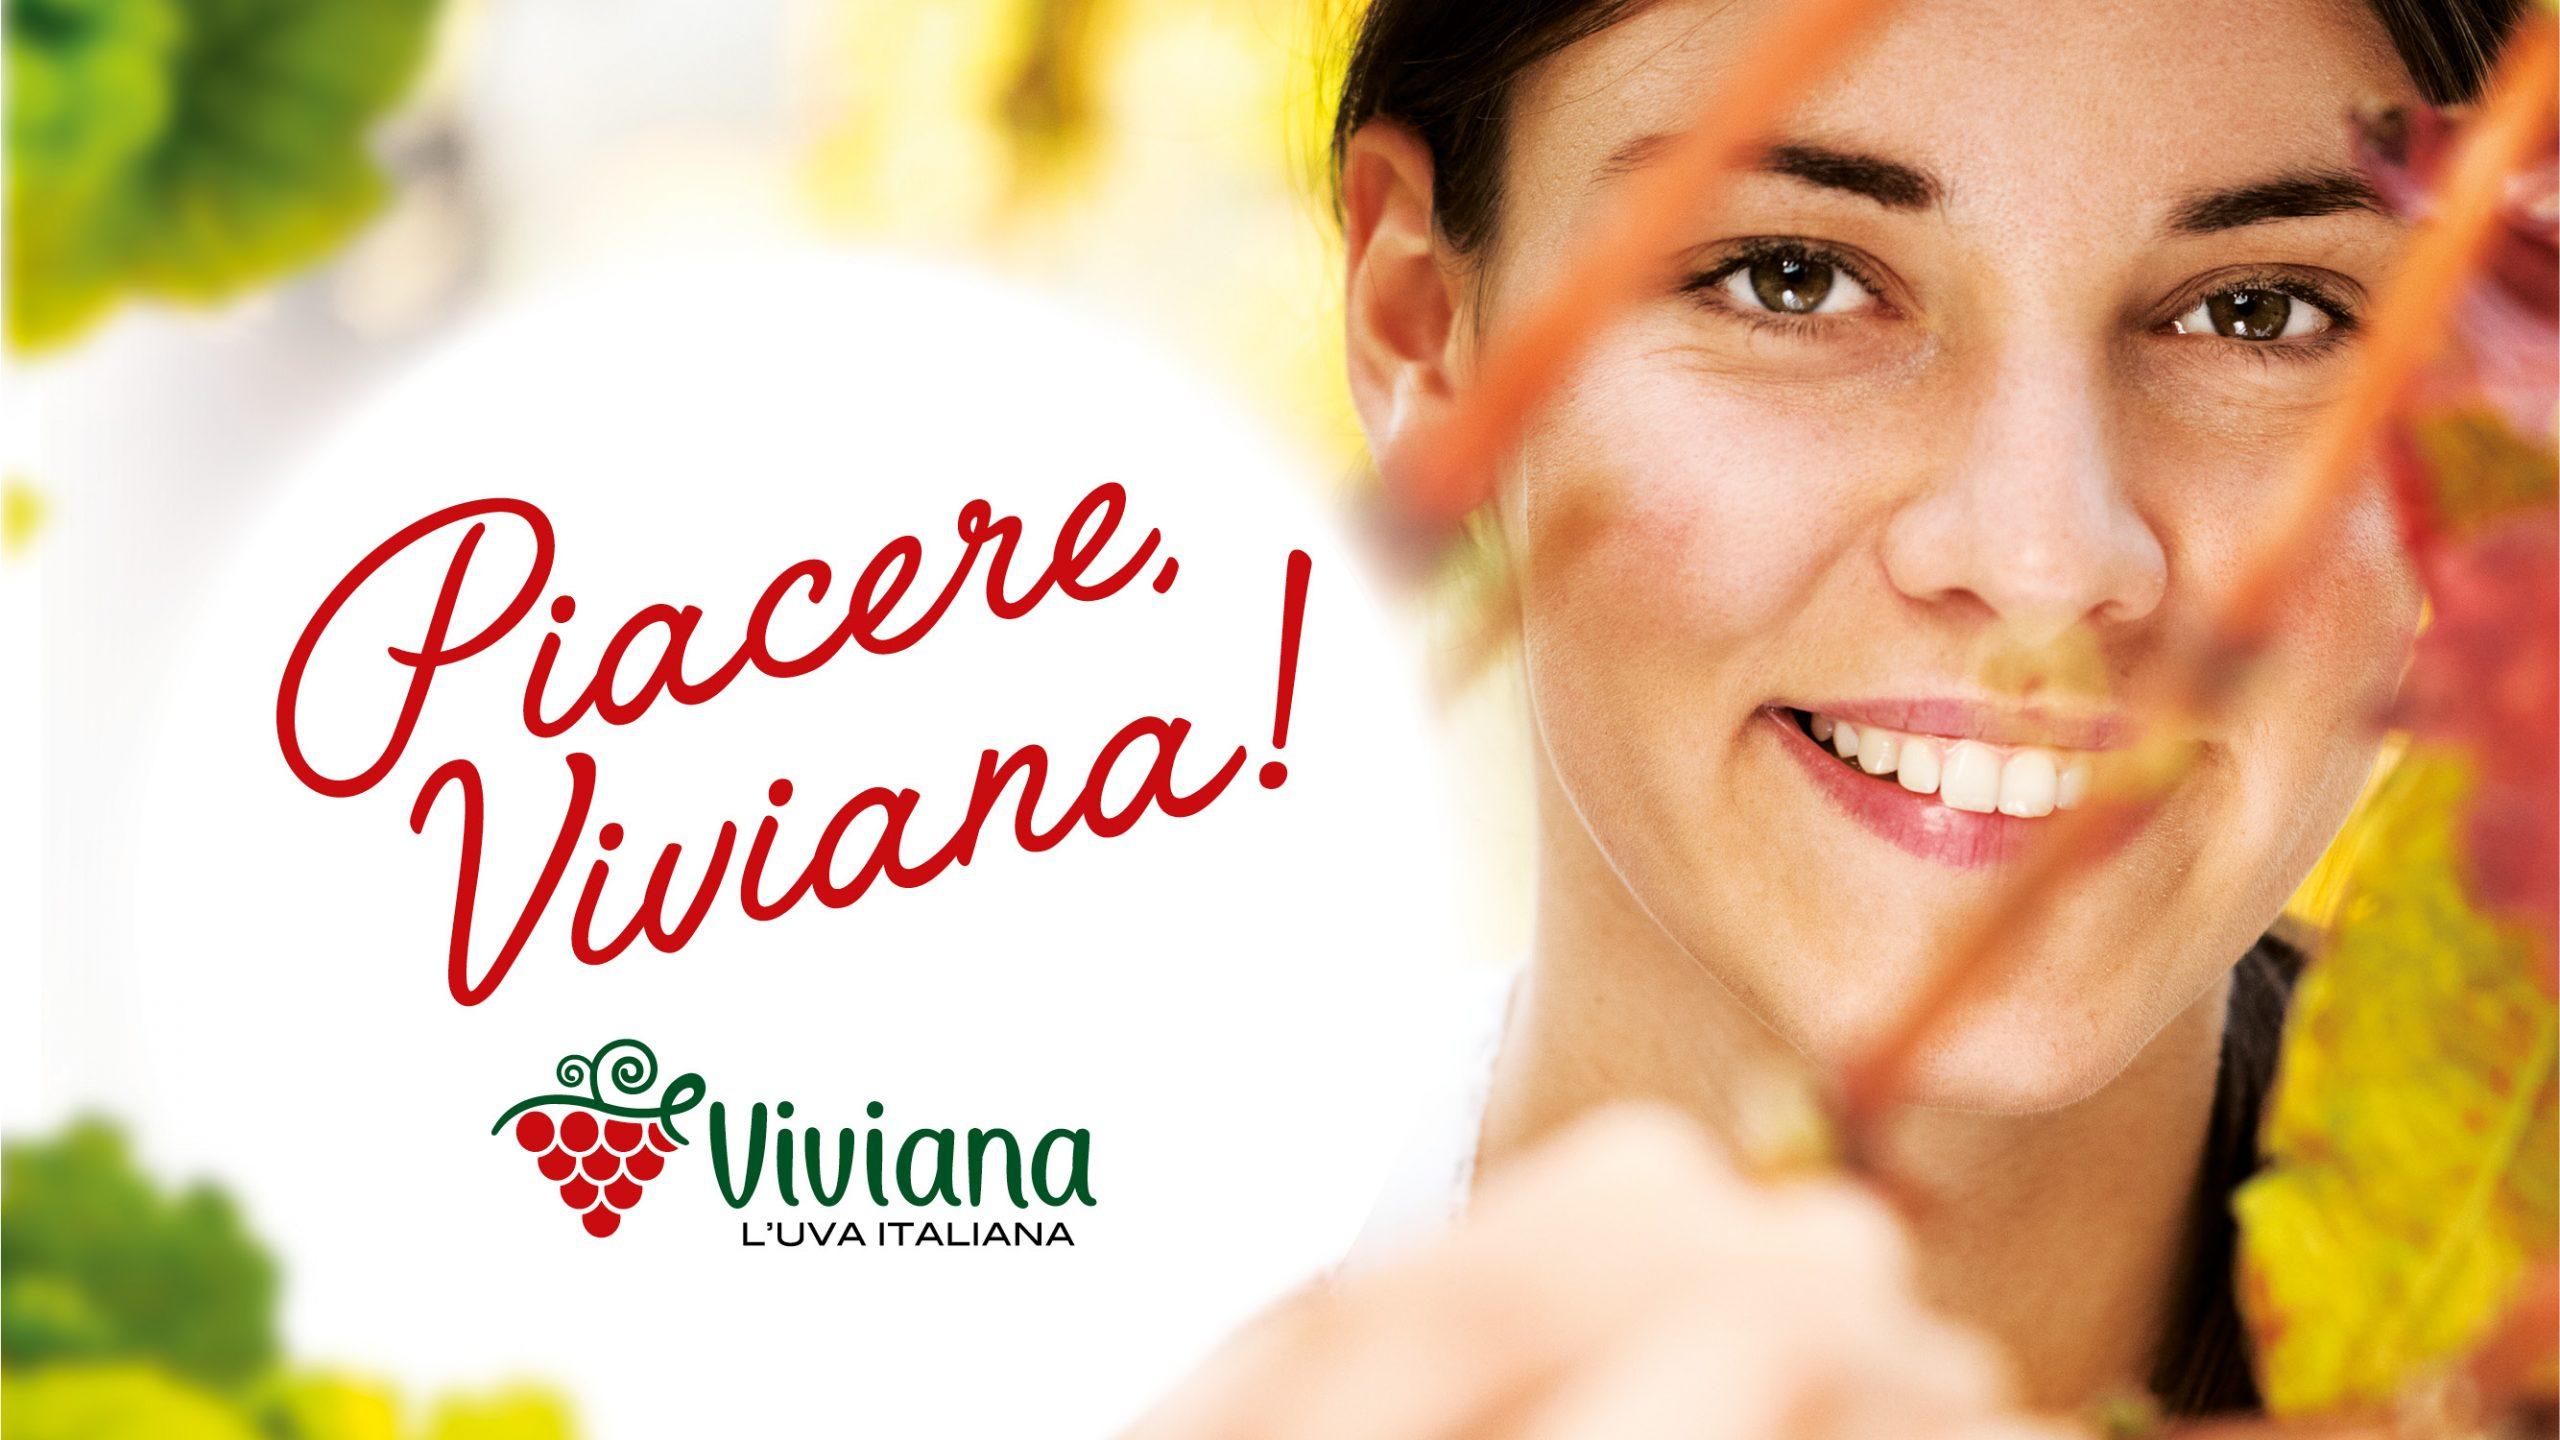 Menabò agenzia di comunicazione a Forlì - Viviana l'uva italiana - cover